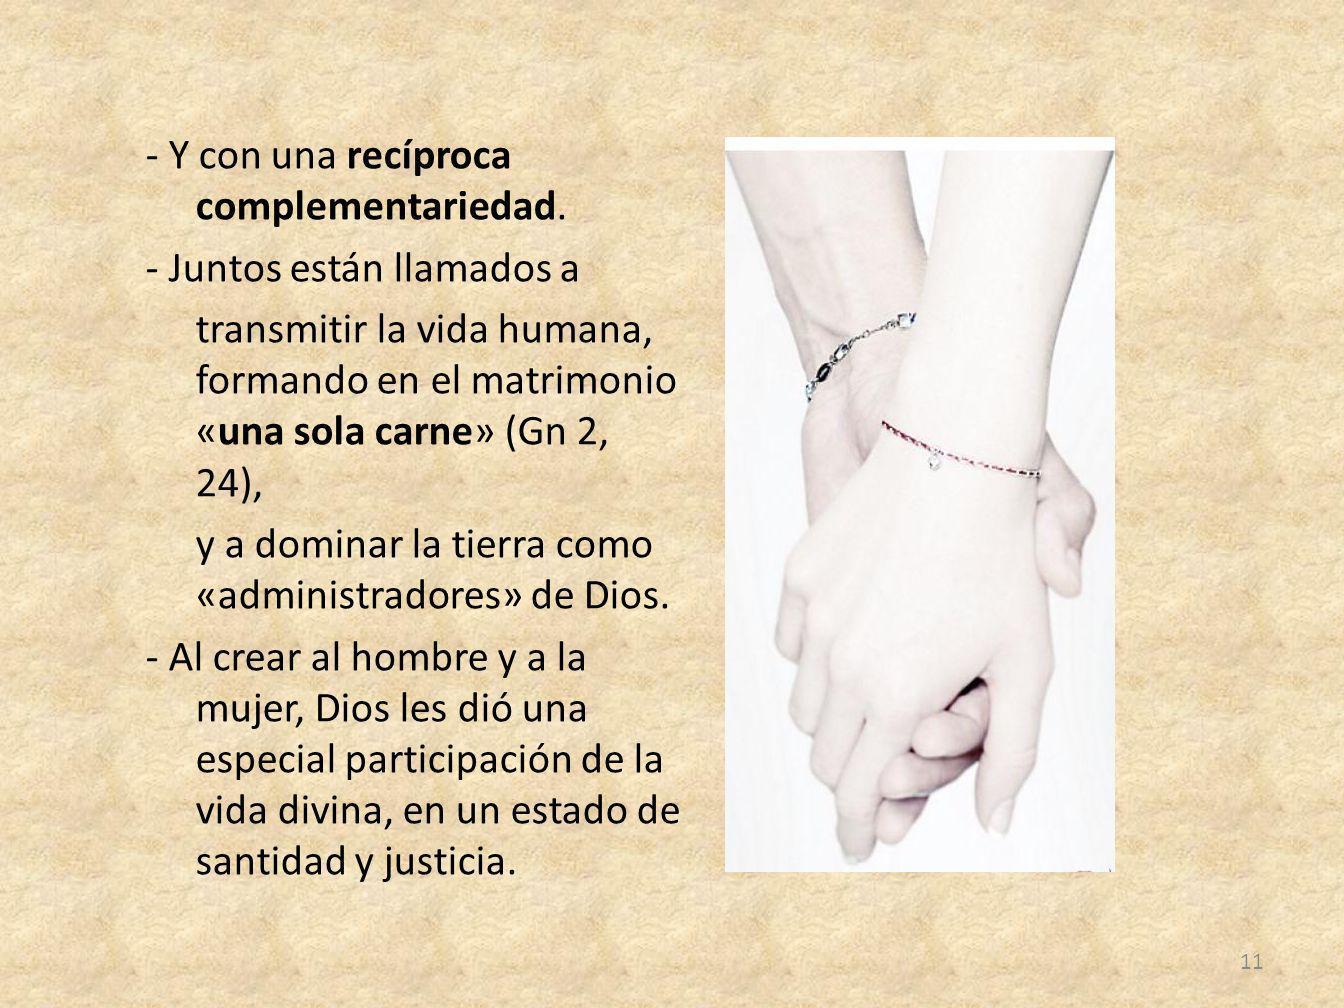 - Y con una recíproca complementariedad